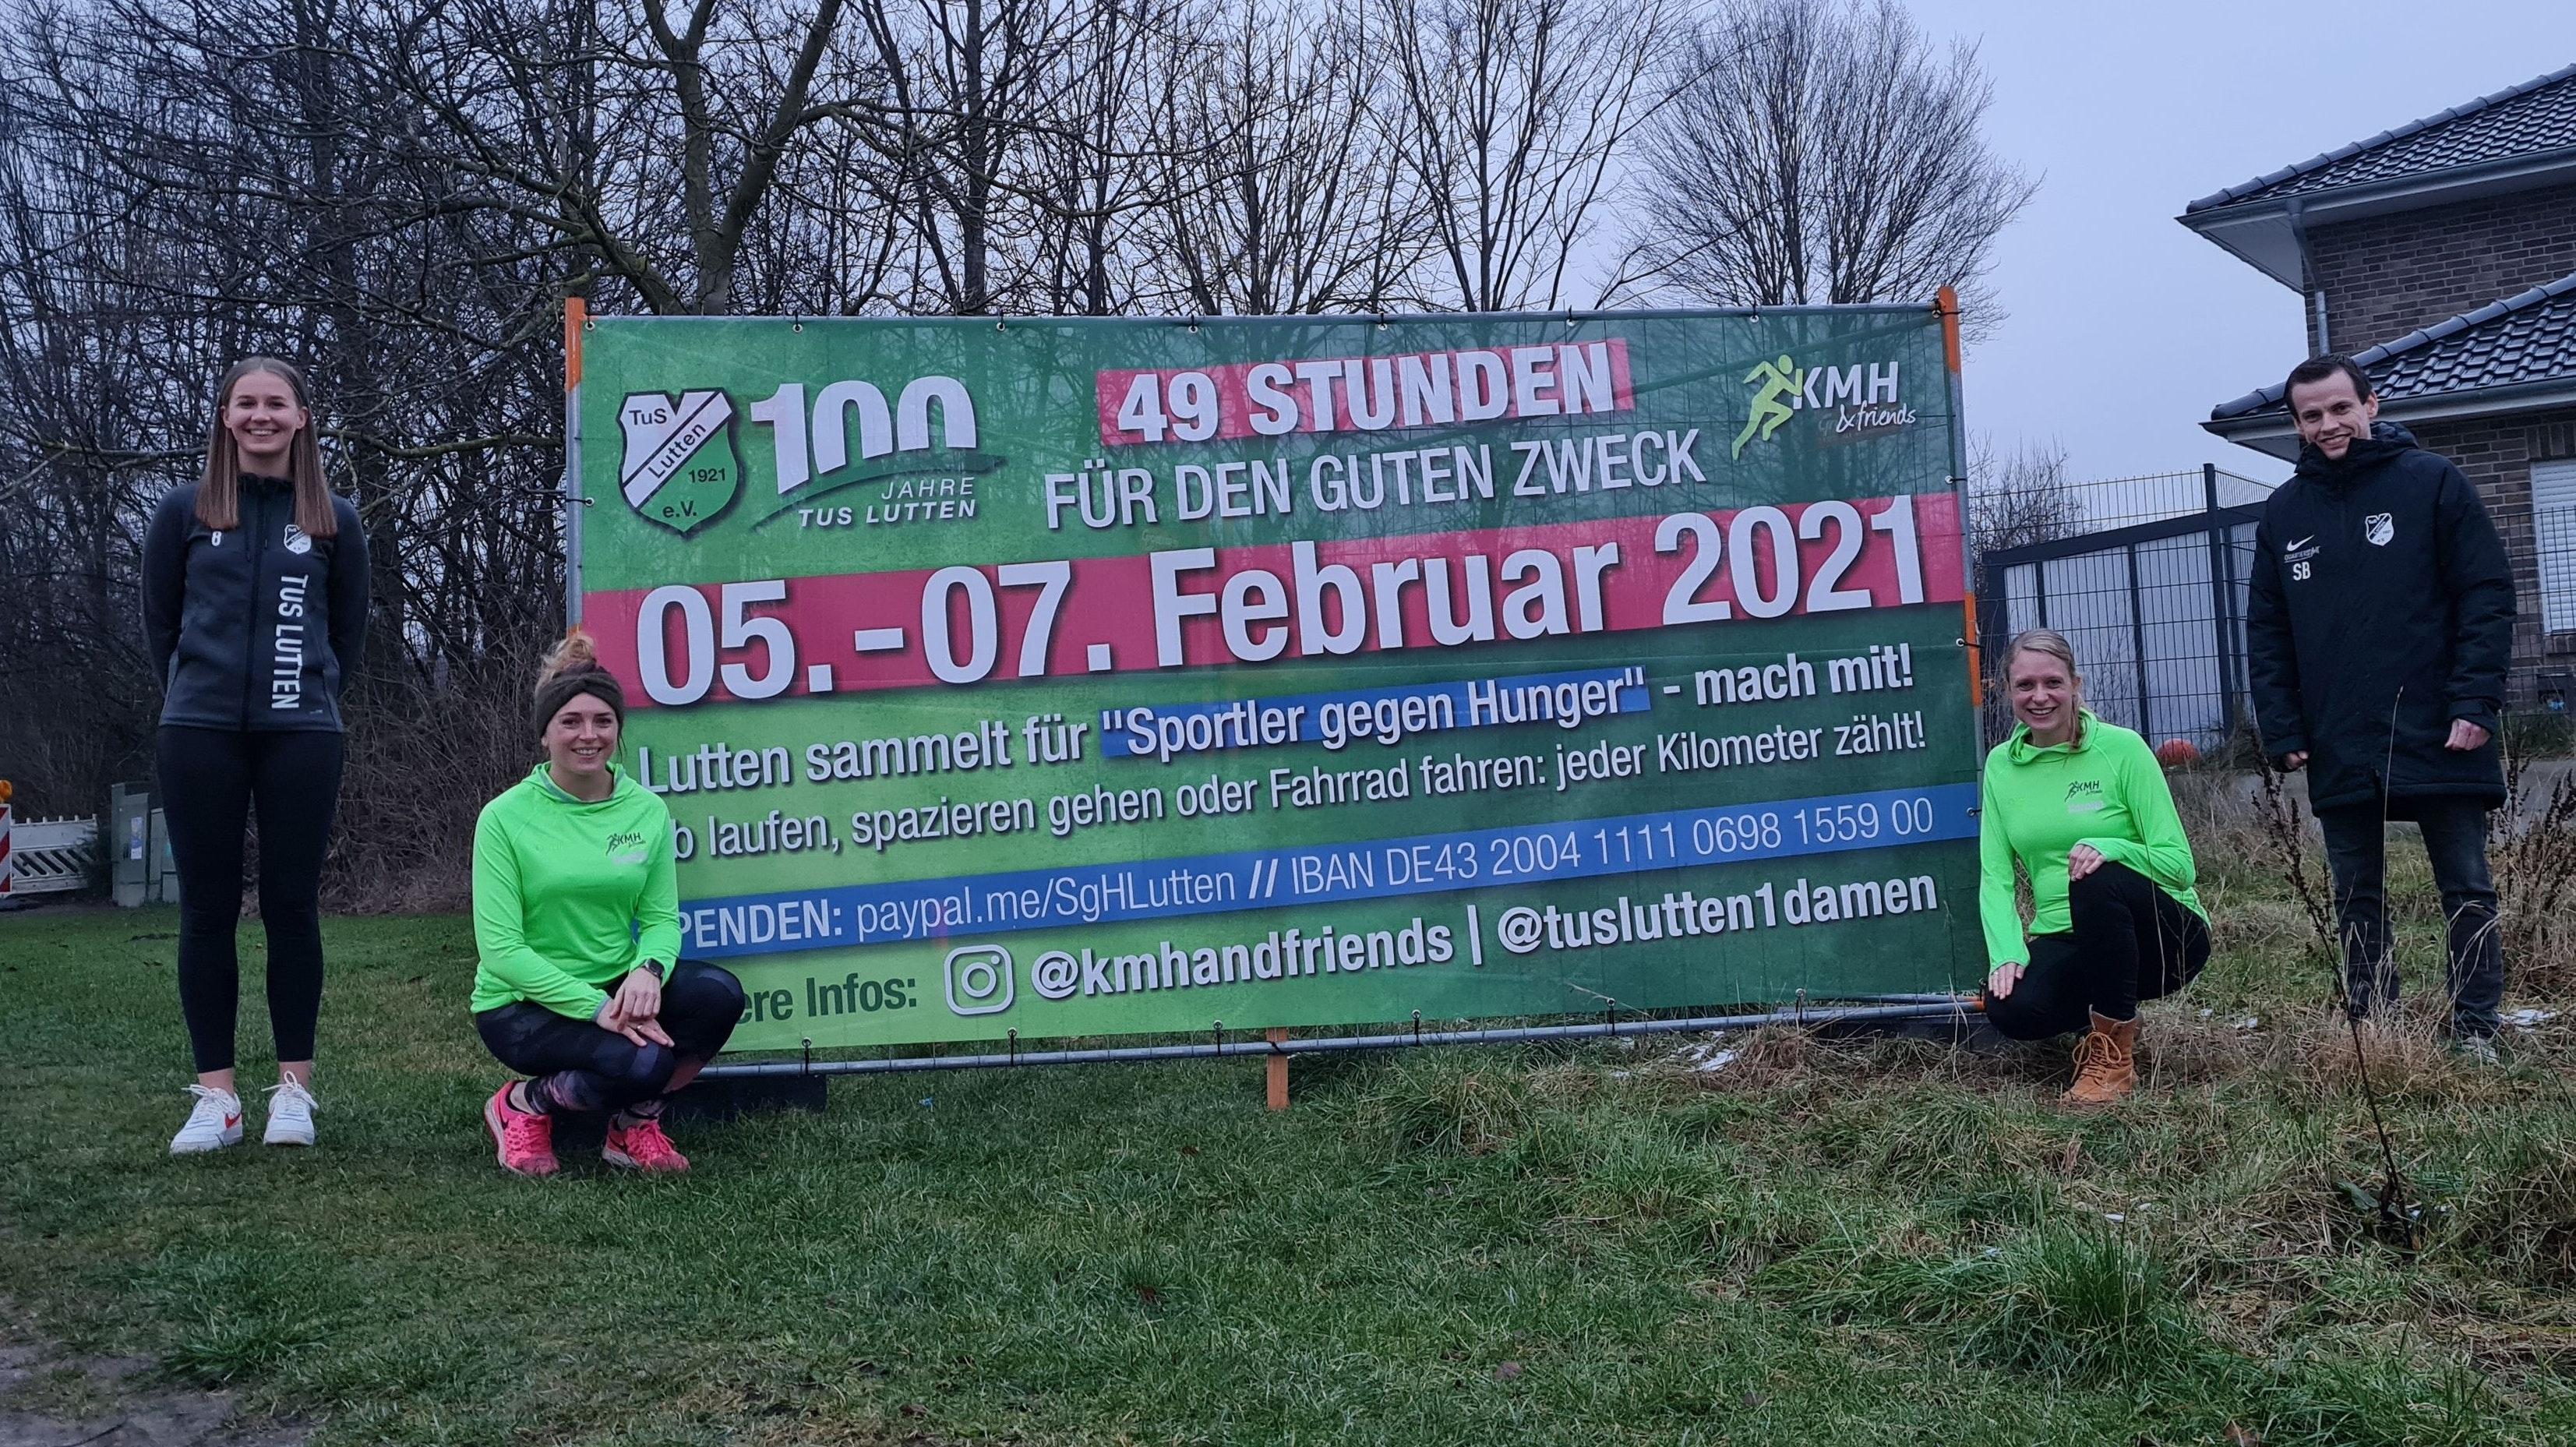 Bereit für das SgH-Wochenende: Von links Franka Kohl, Franka Meyer, Carolin Kock und Steffen Boning. Foto: Kohl